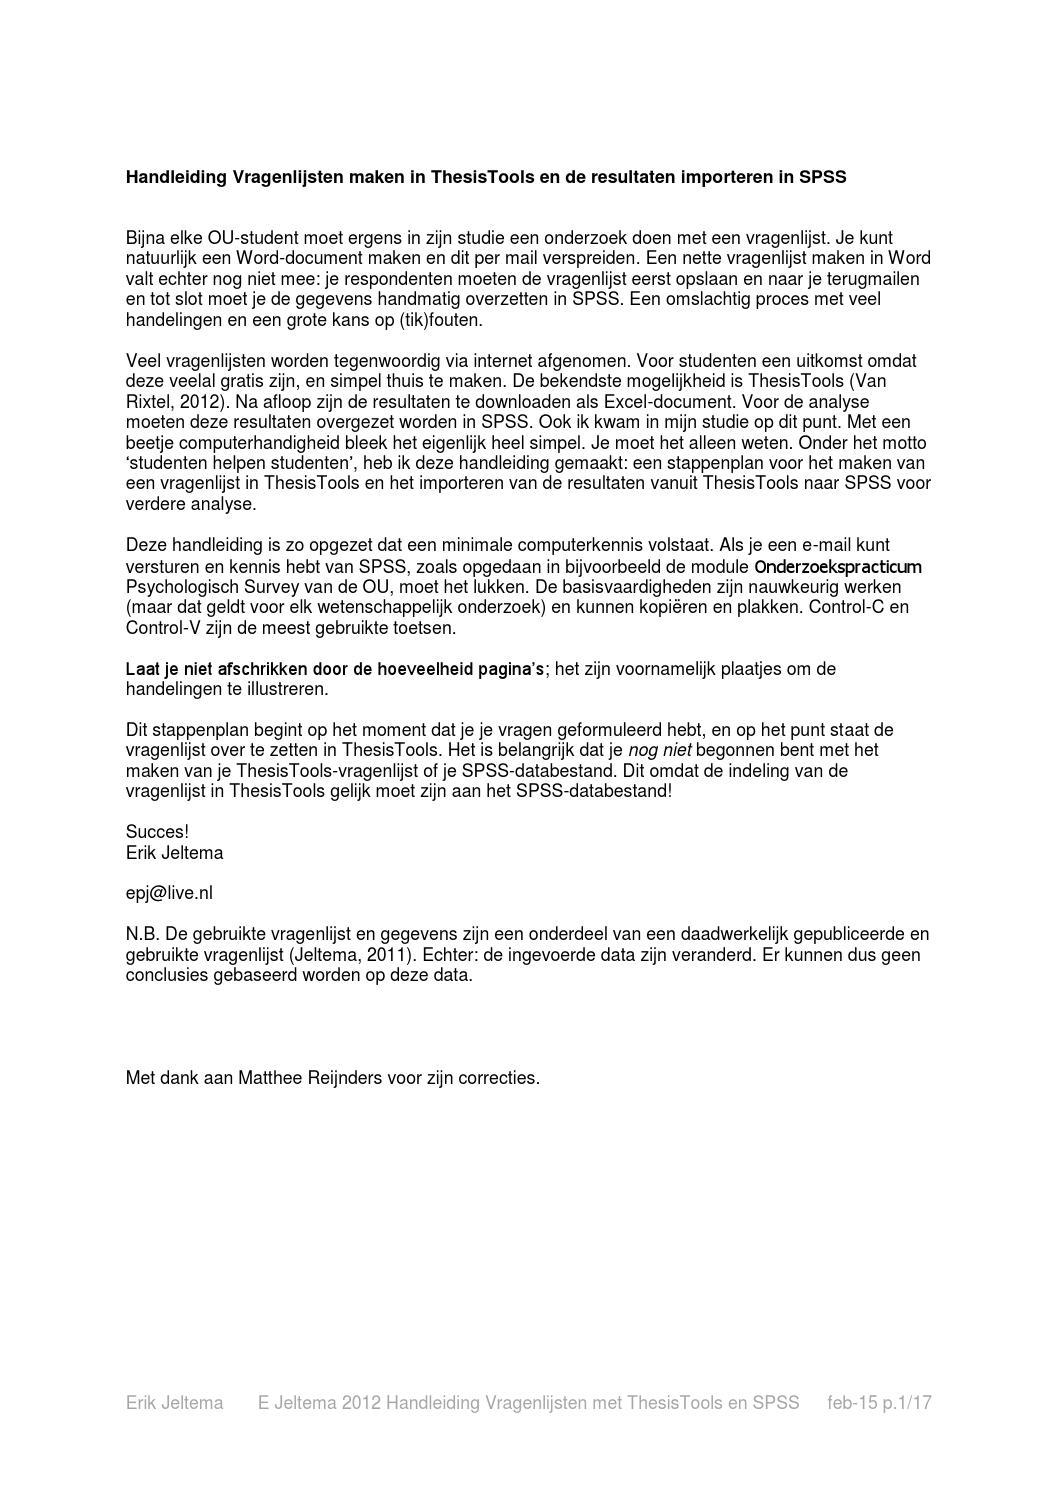 thesistools uitleg Van rixtel media behoudt zich het recht voor om vragenlijsten te verwijderen zonder uitleg of mededeling vooraf indien: 1 frauduleus gebruik wordt geconstateerd hieronder begrepen spam 2 een abonnement is verlopen.